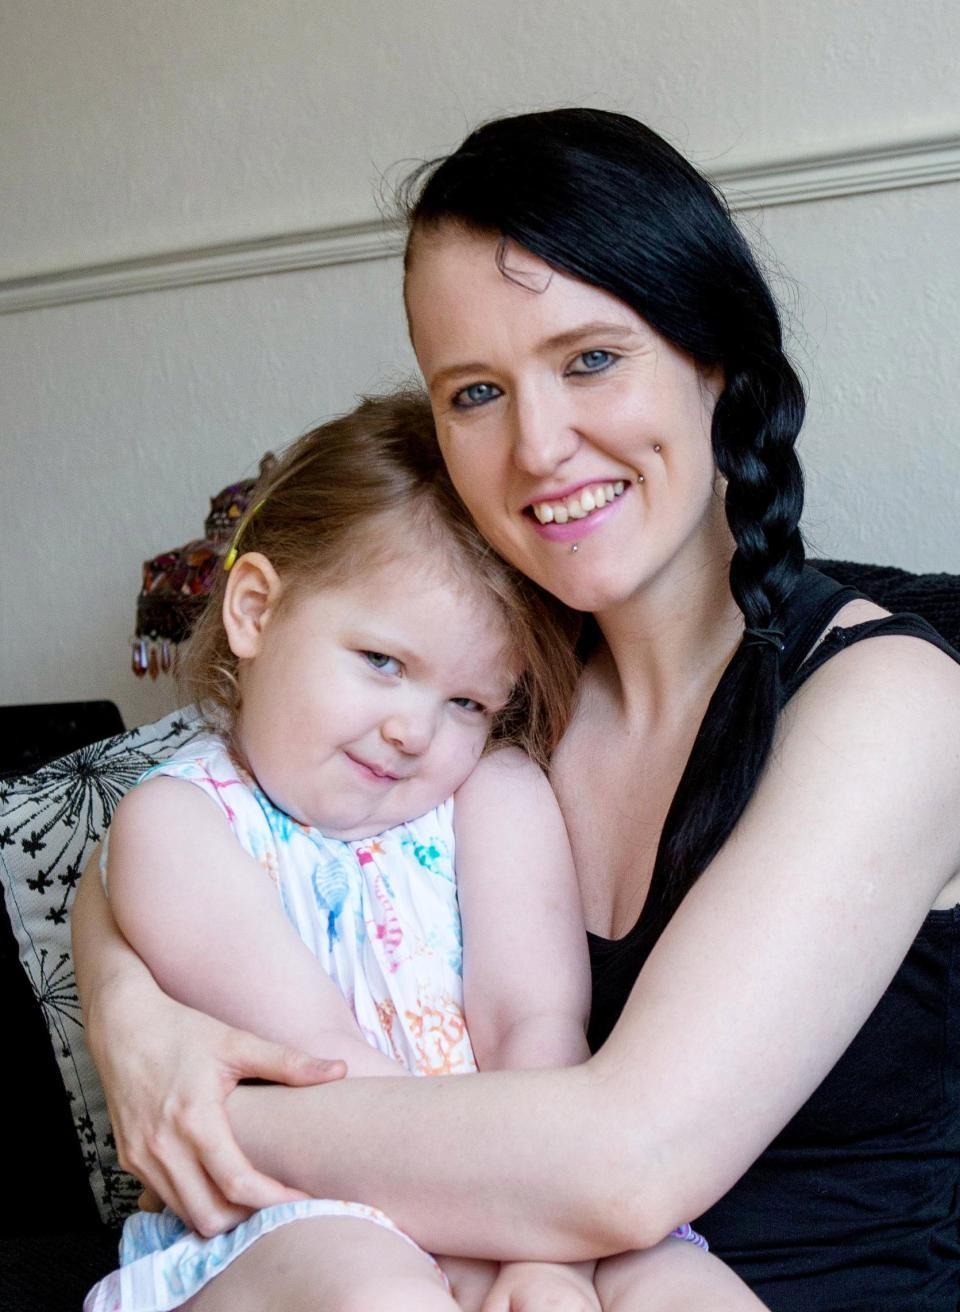 Ophelia e a mãe (Foto: Reprodução SOUTH WEST NEWS SERVICE)